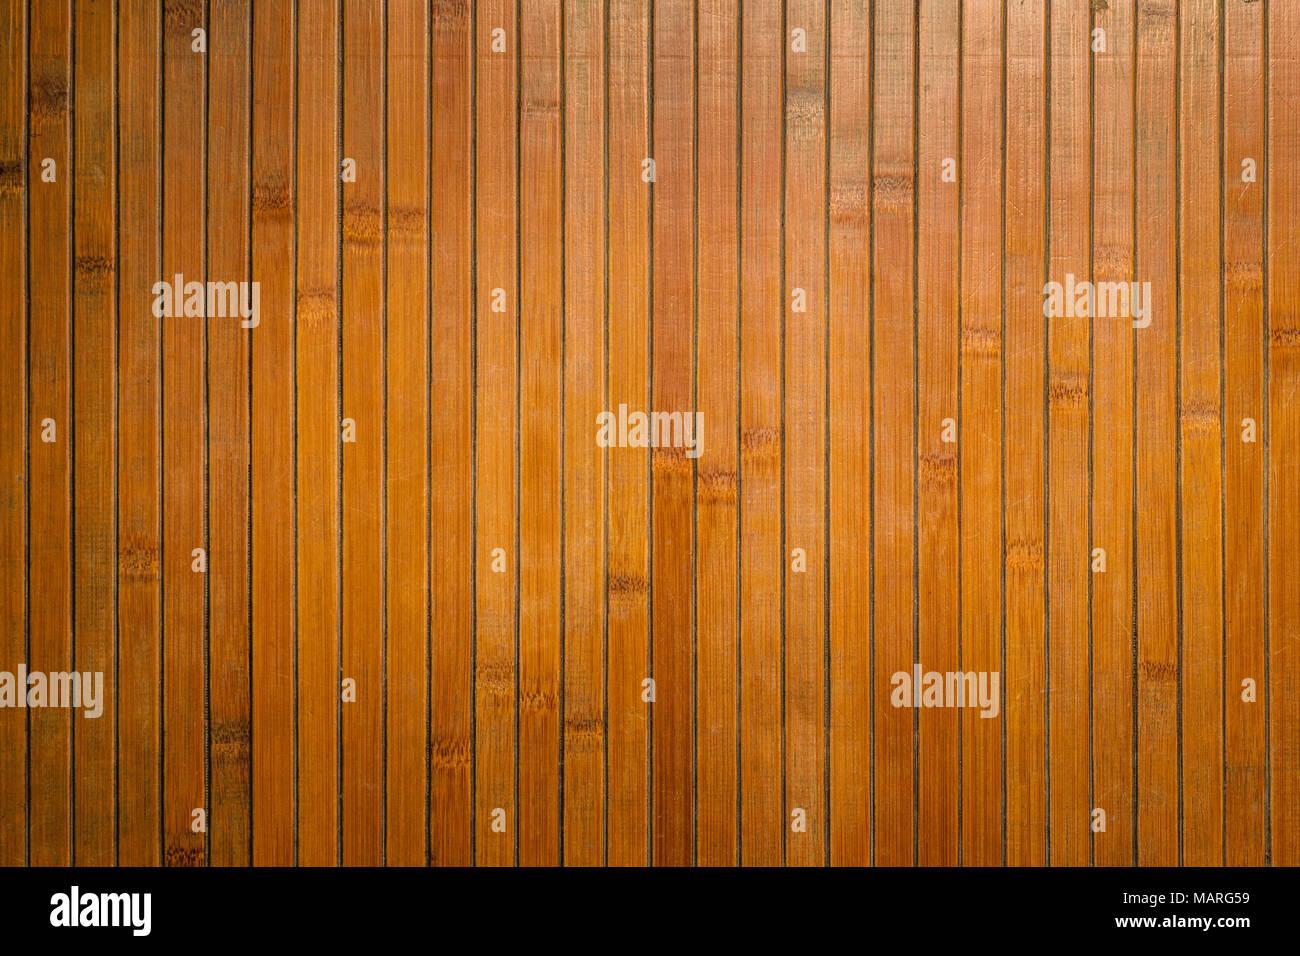 bambus struktur wand hintergrund der ansicht von oben stockfoto